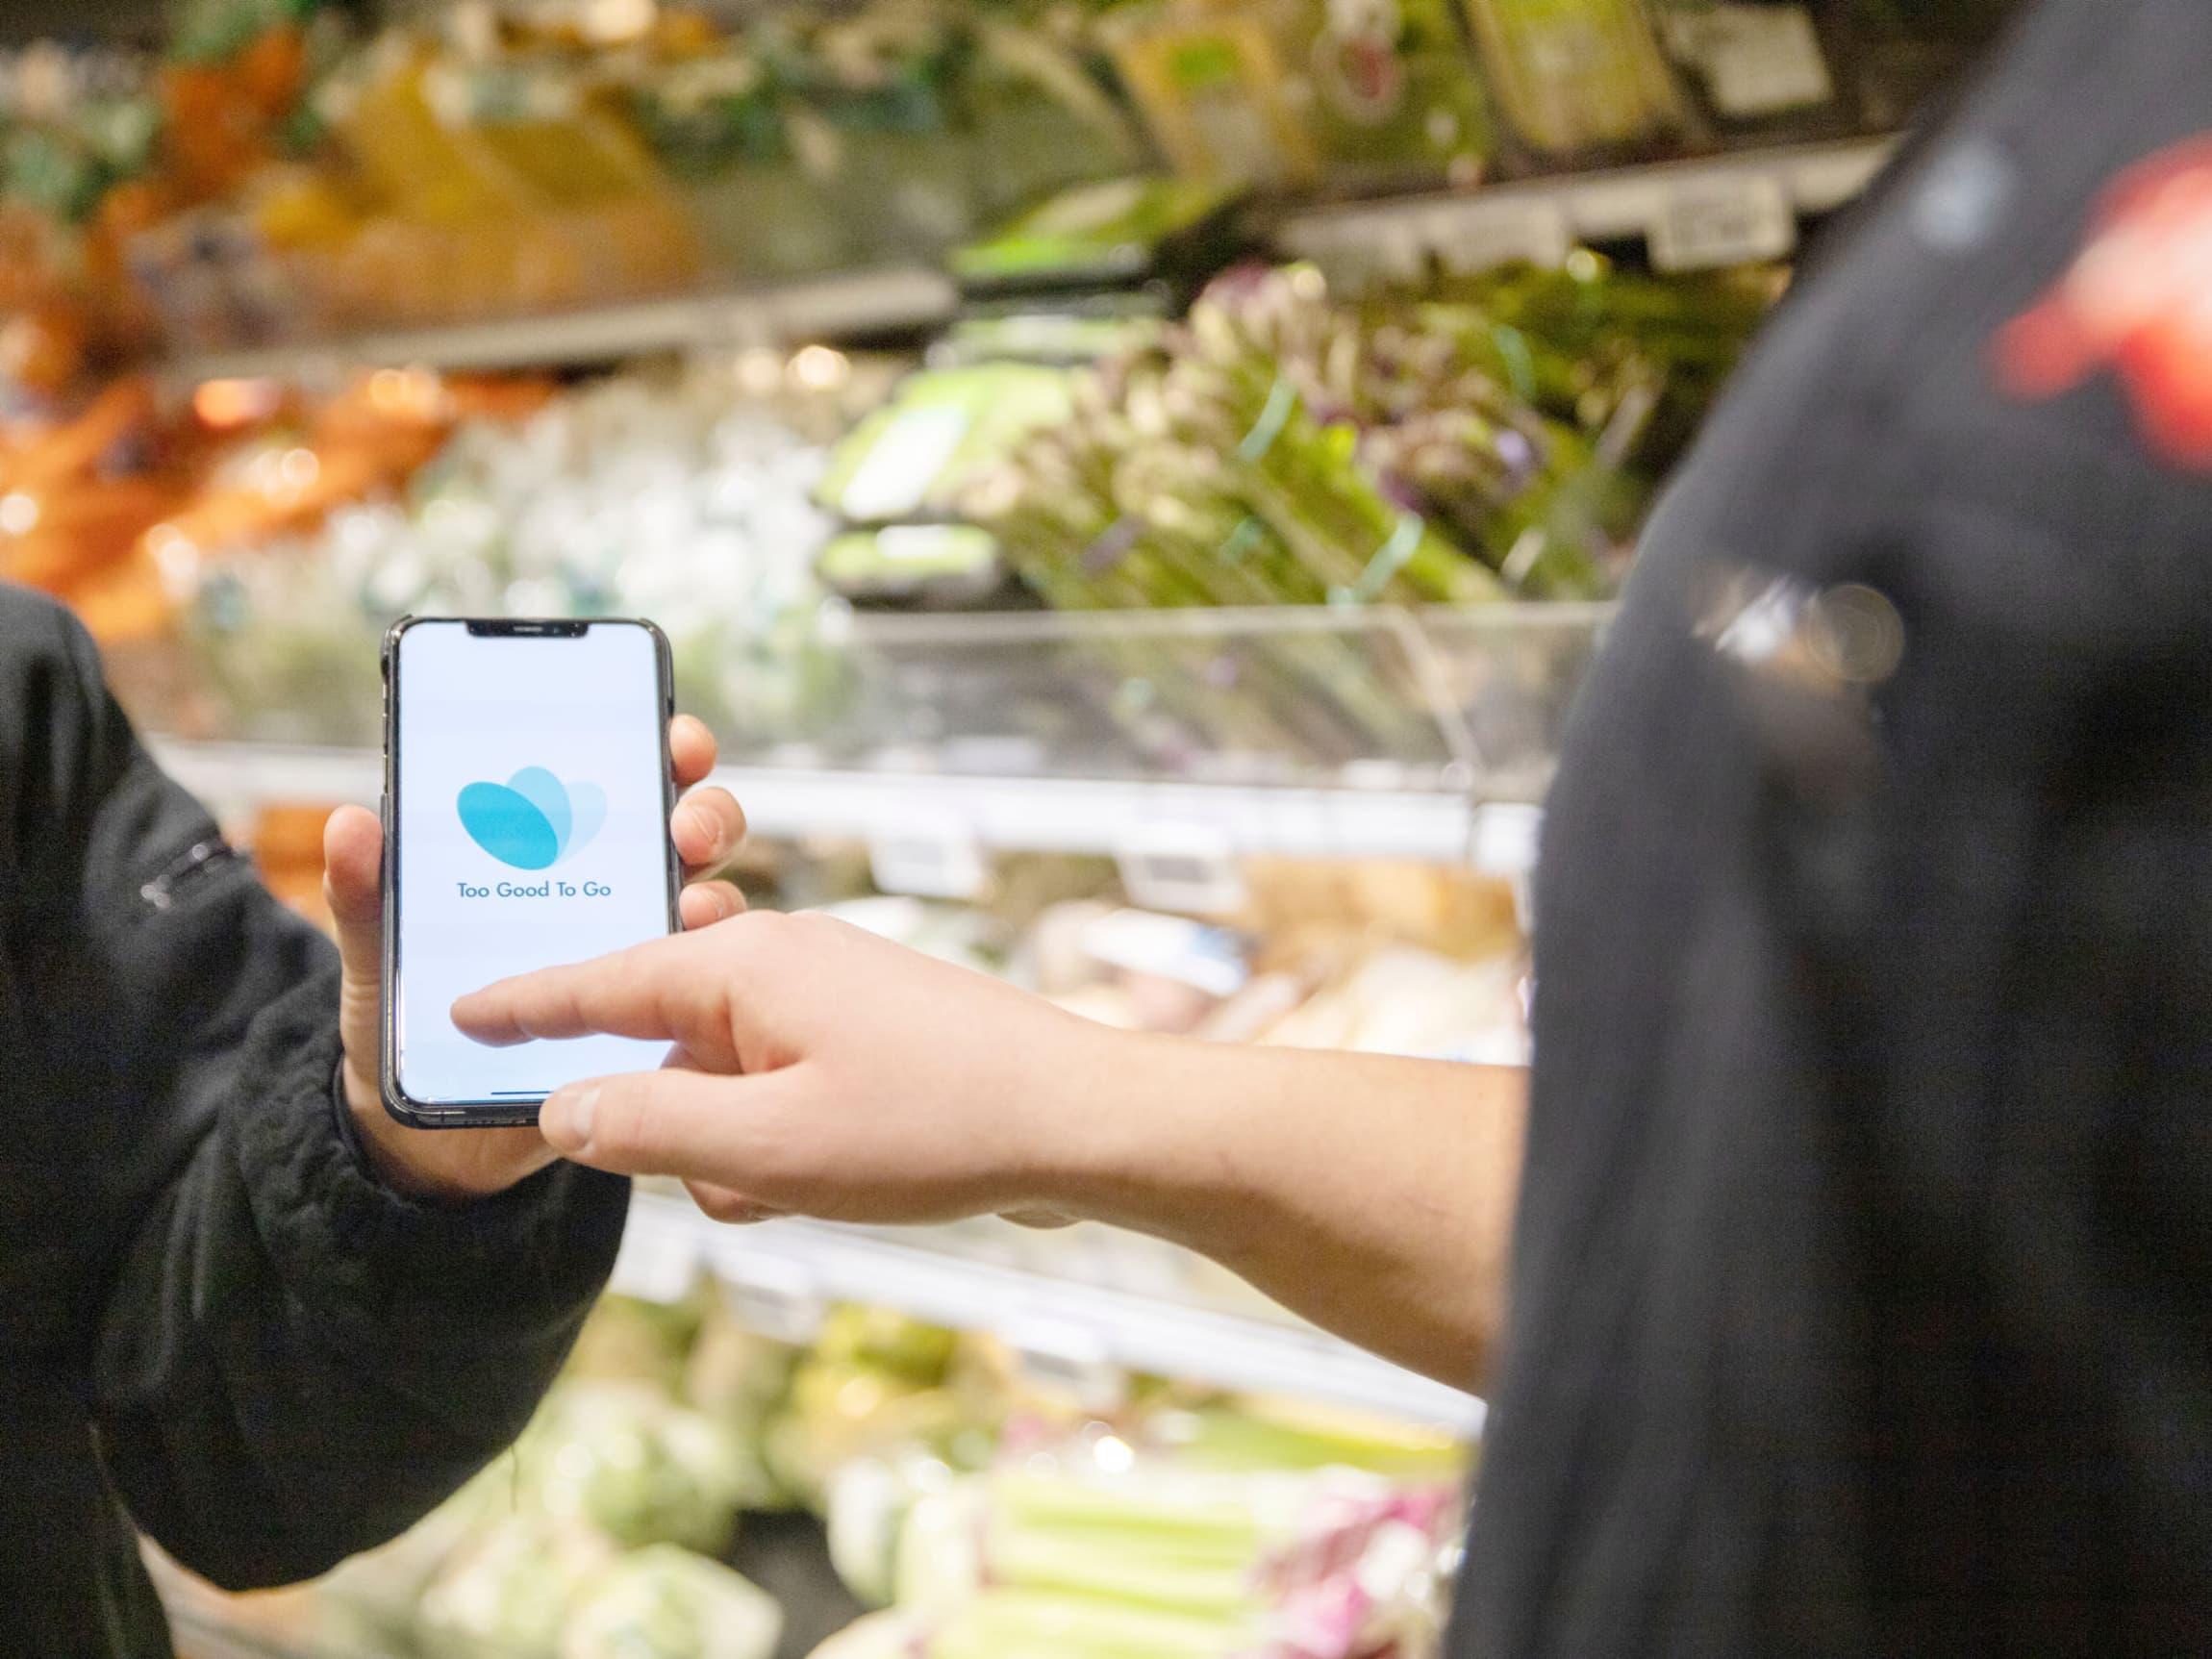 Kjøp en forundringspose i appen, og hent i butikken i angitt tidsrom.